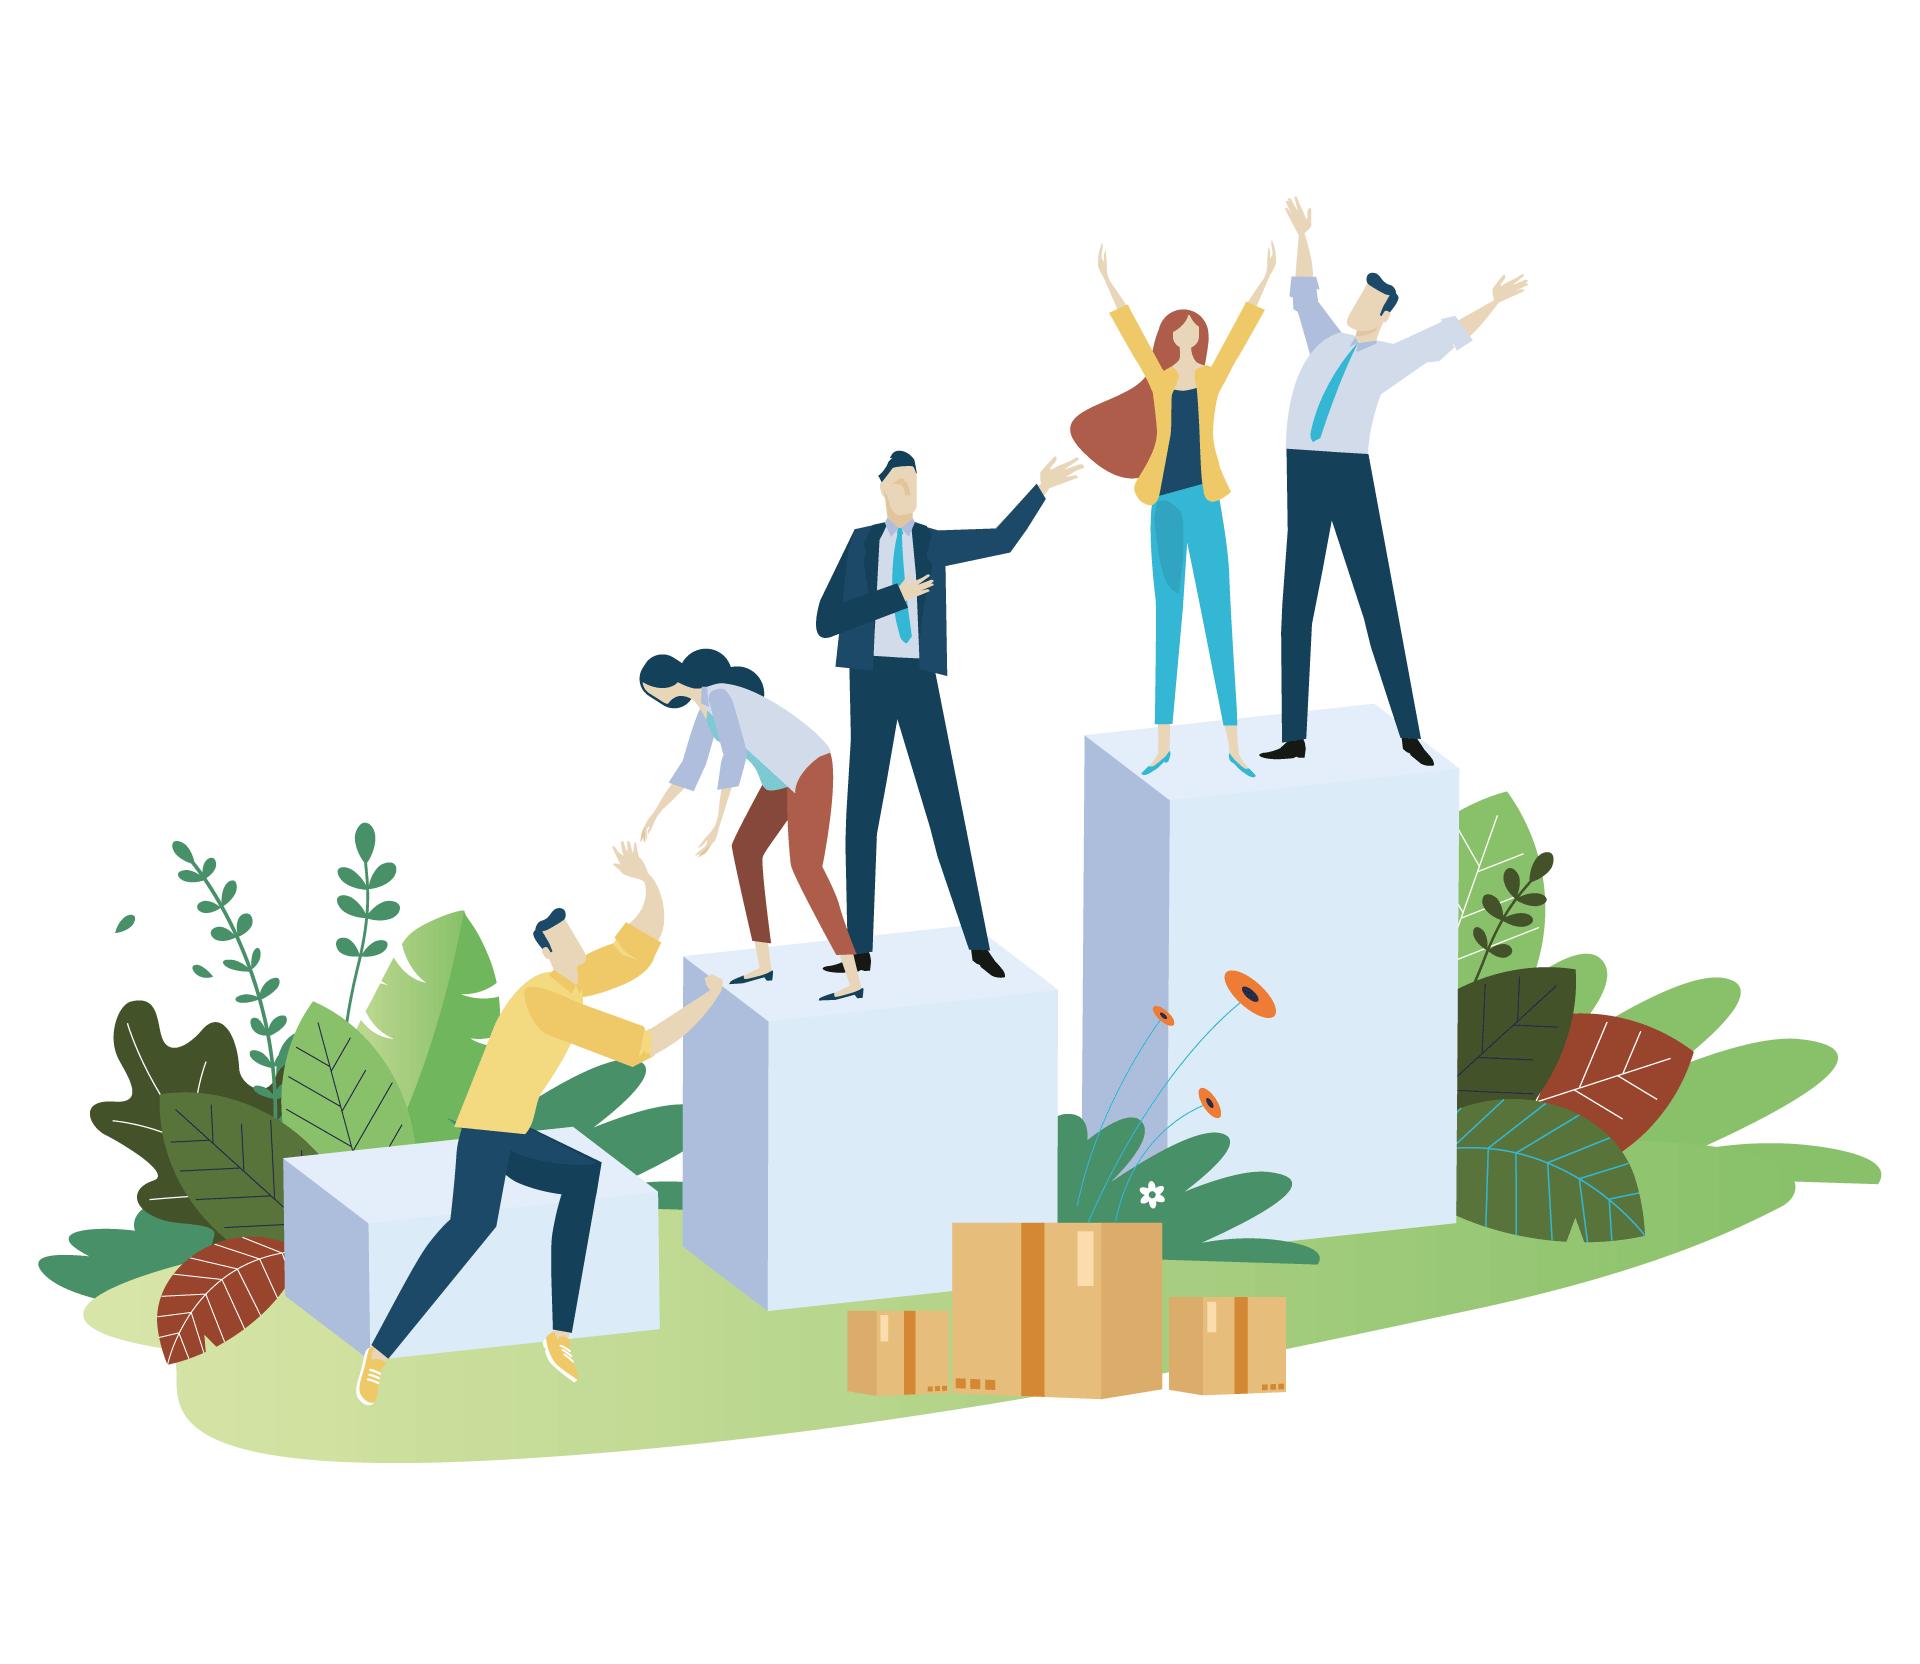 Gratis duurzame verzenddozen en meer klanten . Duurzaam verzenden met gratis groene dozen